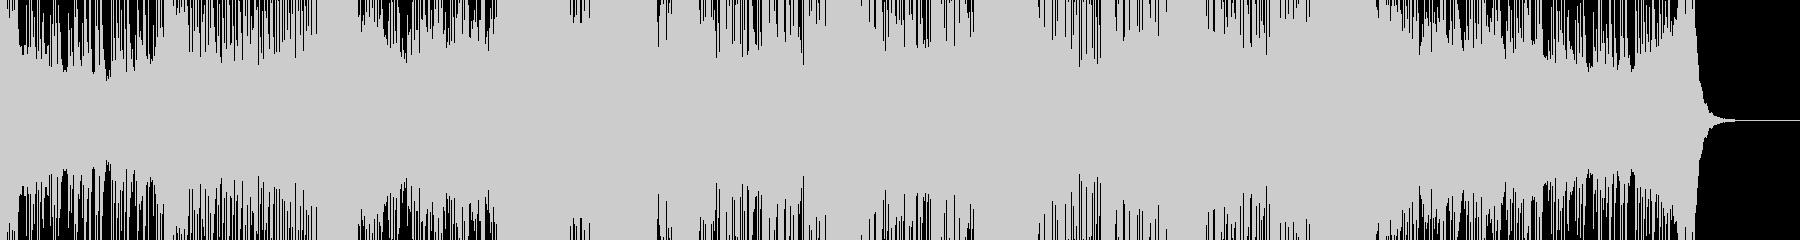 キラキラ輝いた感じのフューチャーベースの未再生の波形